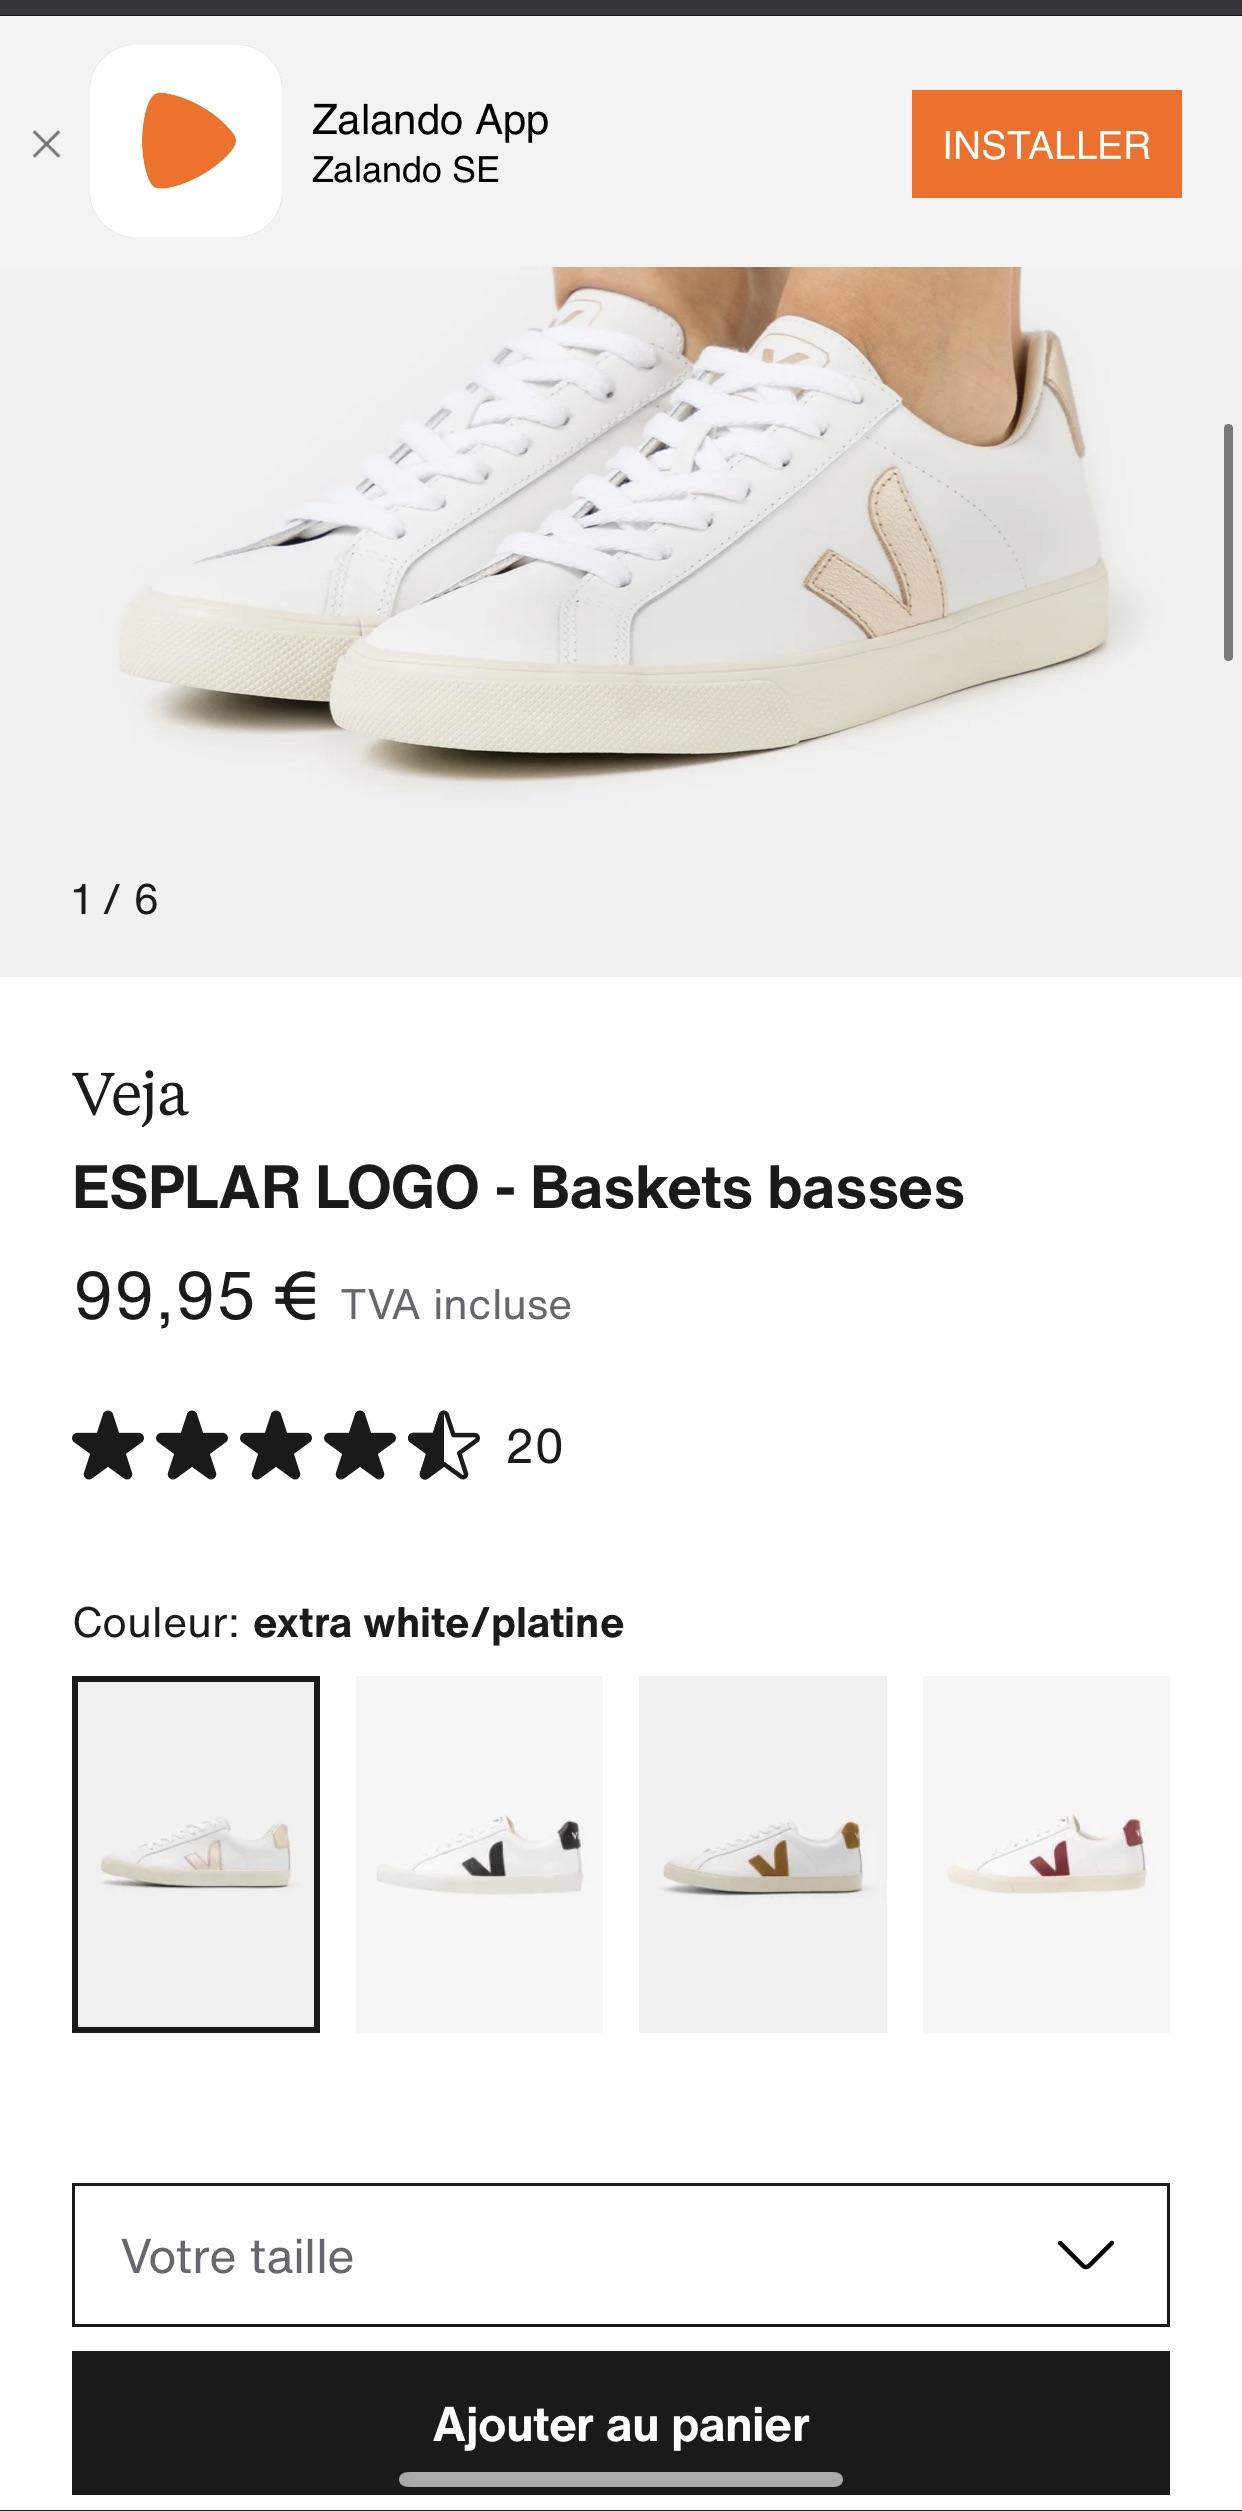 真心求问 veja的鞋子好穿吗